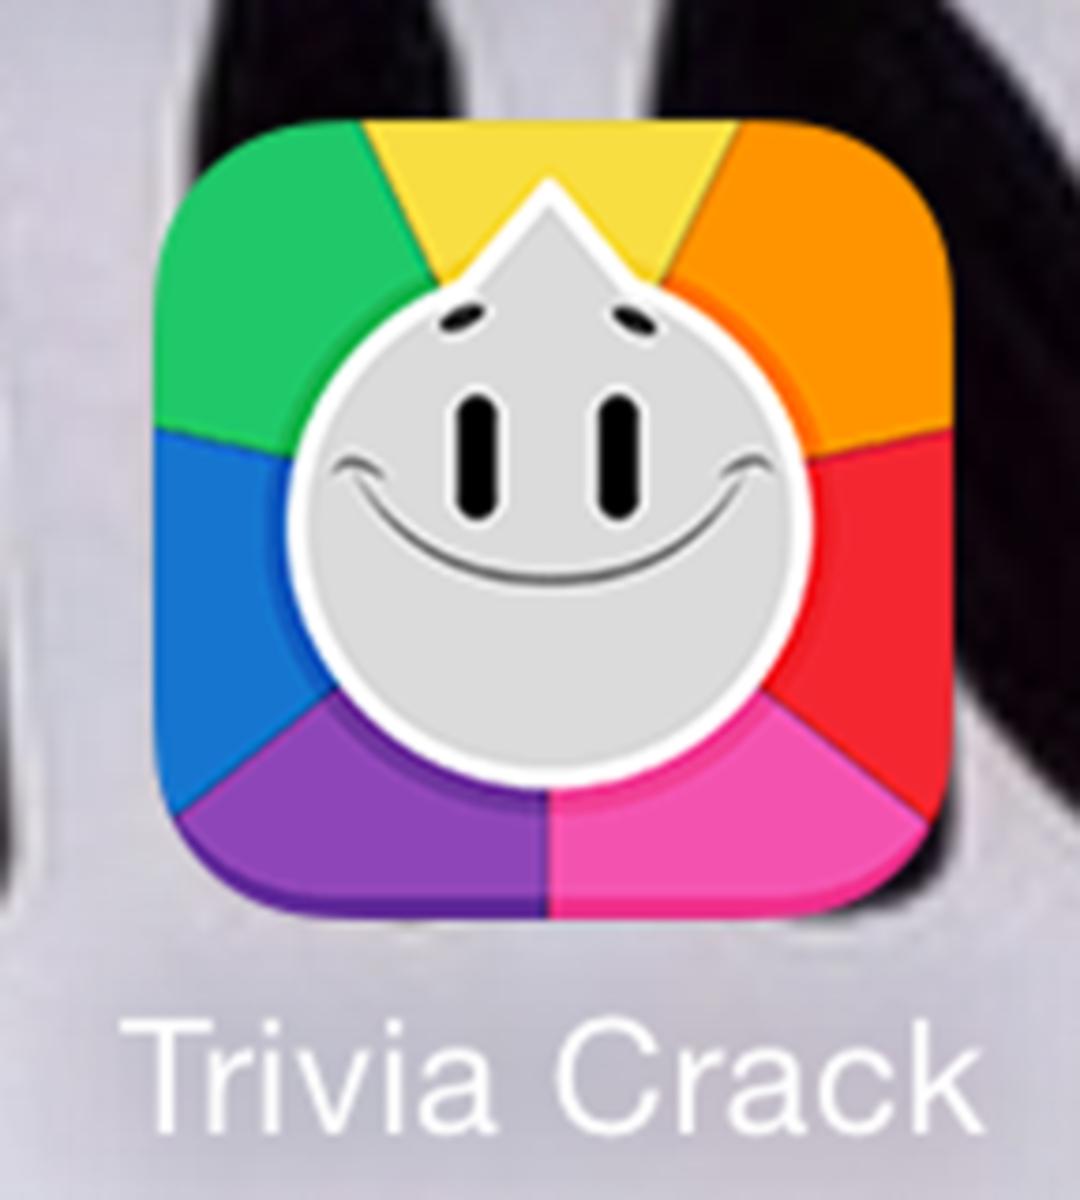 Trivia Crack latest teenage addiction